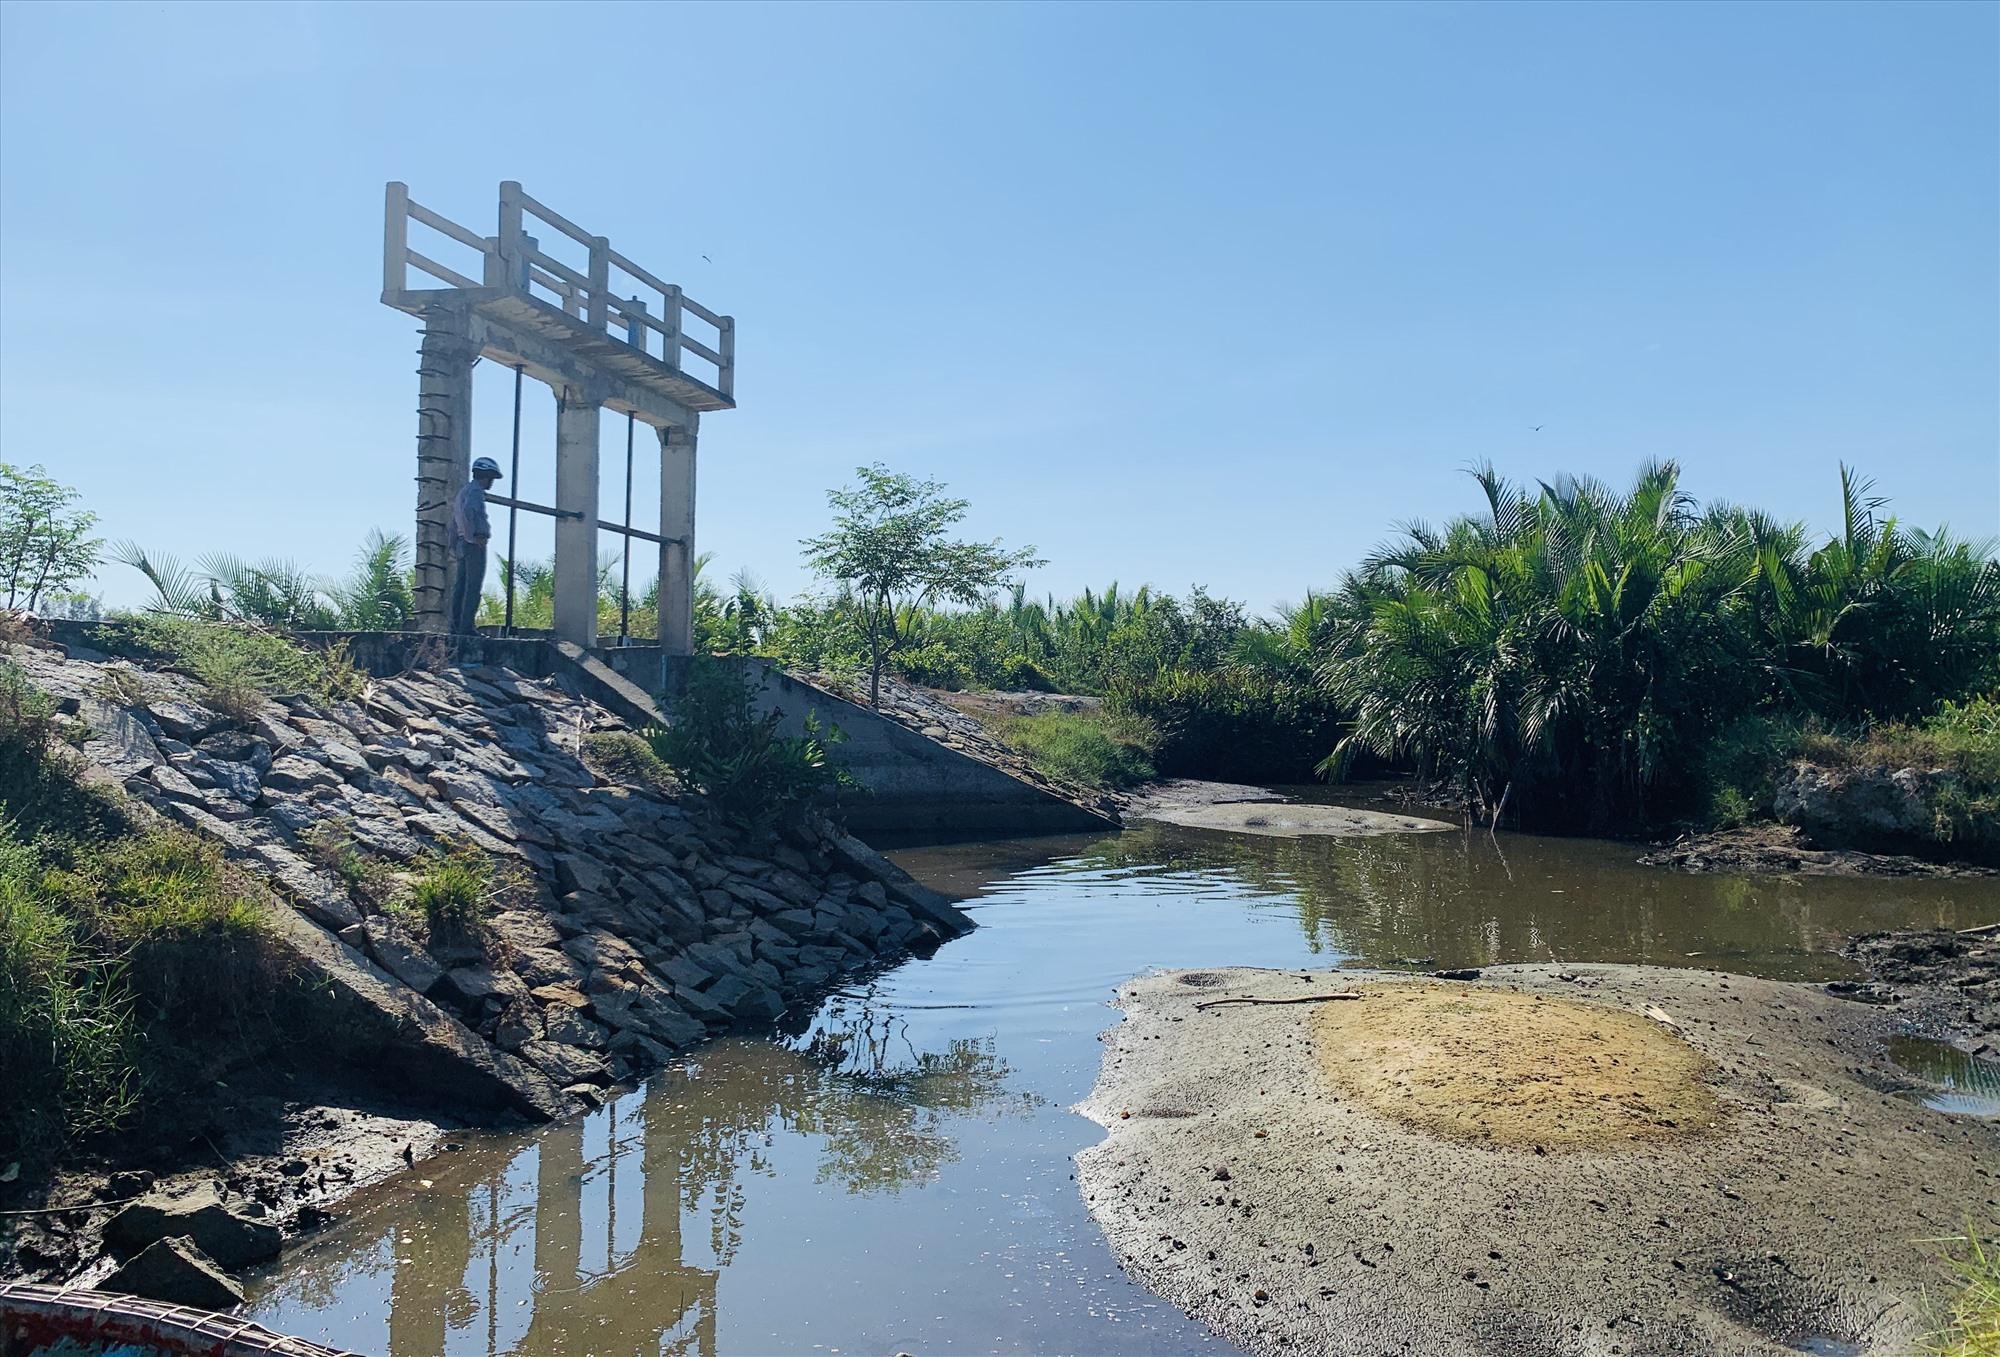 Nhiều đập para dọc đê sông Trường Giang ở xã Bình Giang bị hư hỏng nặng. Ảnh: PHAN VINH